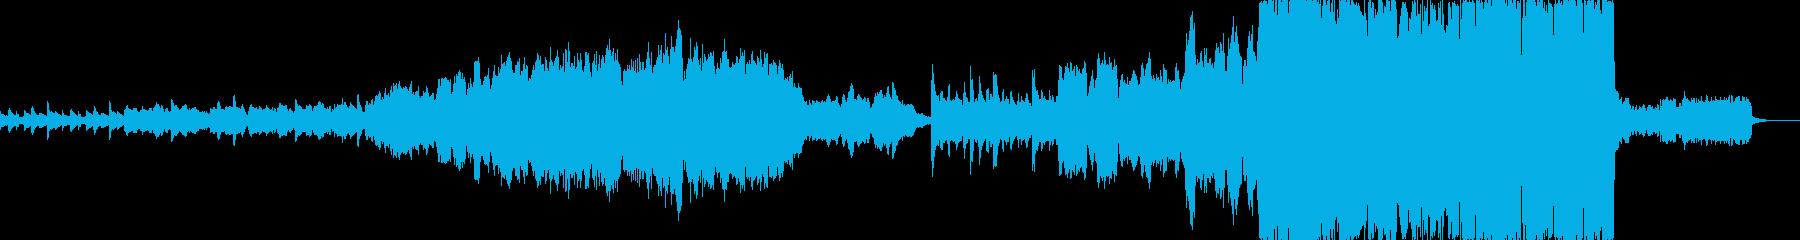 哀しいオーケストラ曲の再生済みの波形